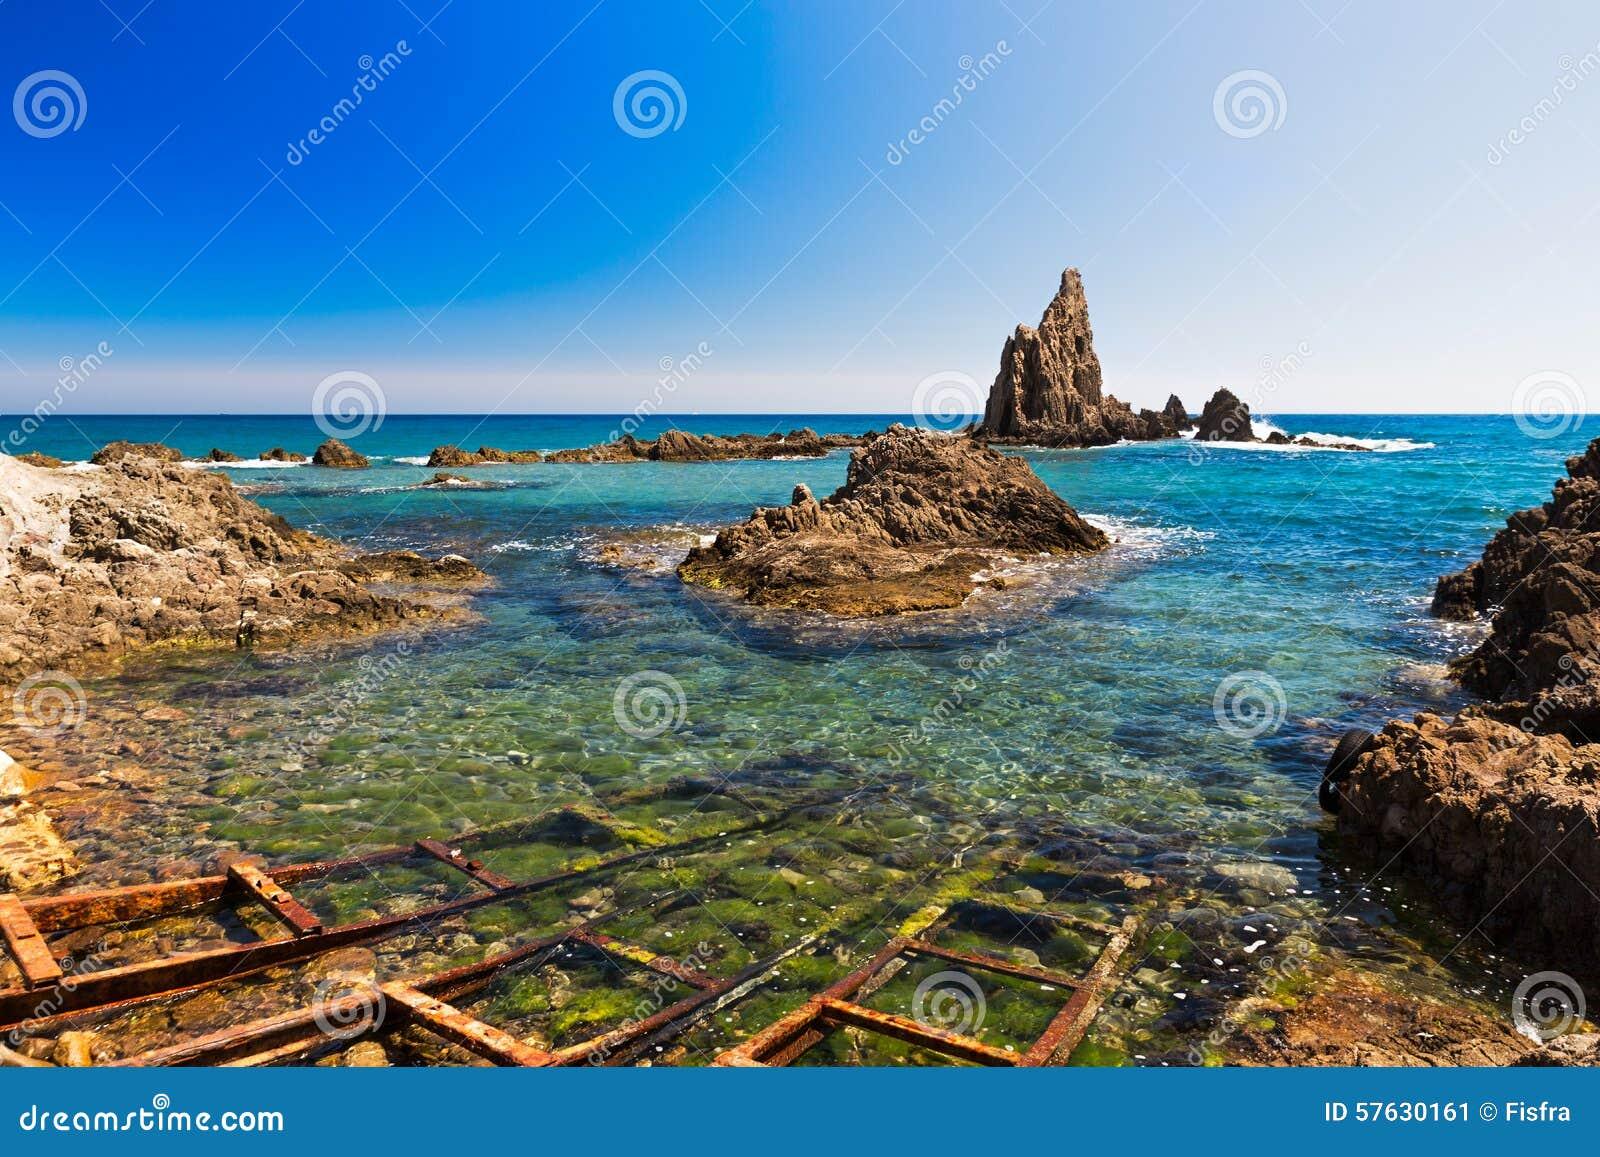 Seascape in almeria cabo de gata national park spain for Cabo de gata spain